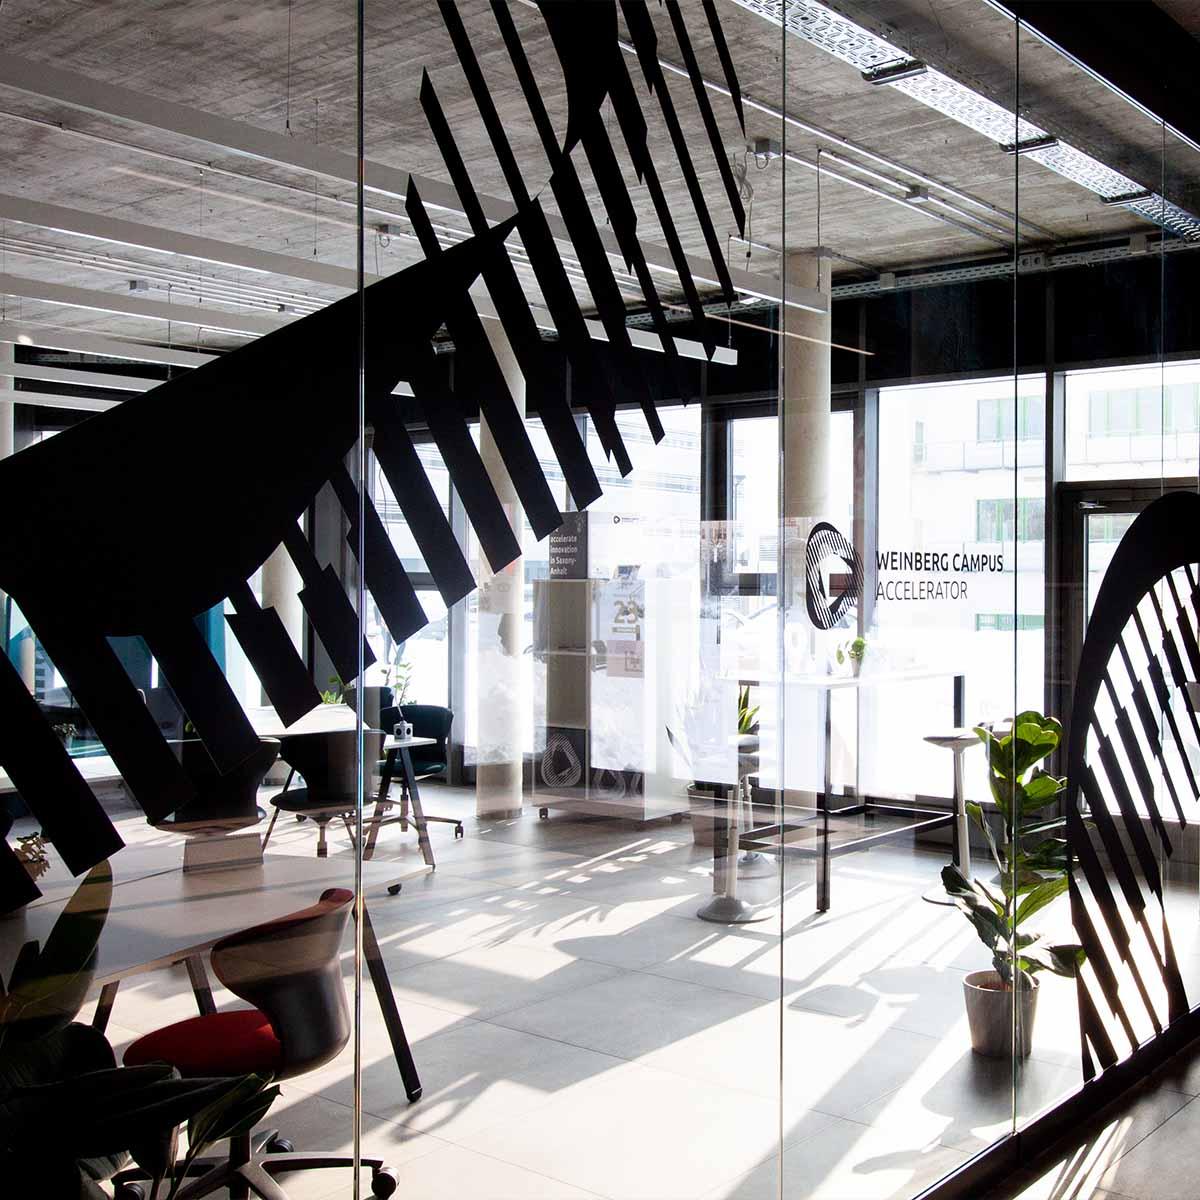 Die Glastüren zum Weinberg Campus Accelerator mit Sicht nach innen